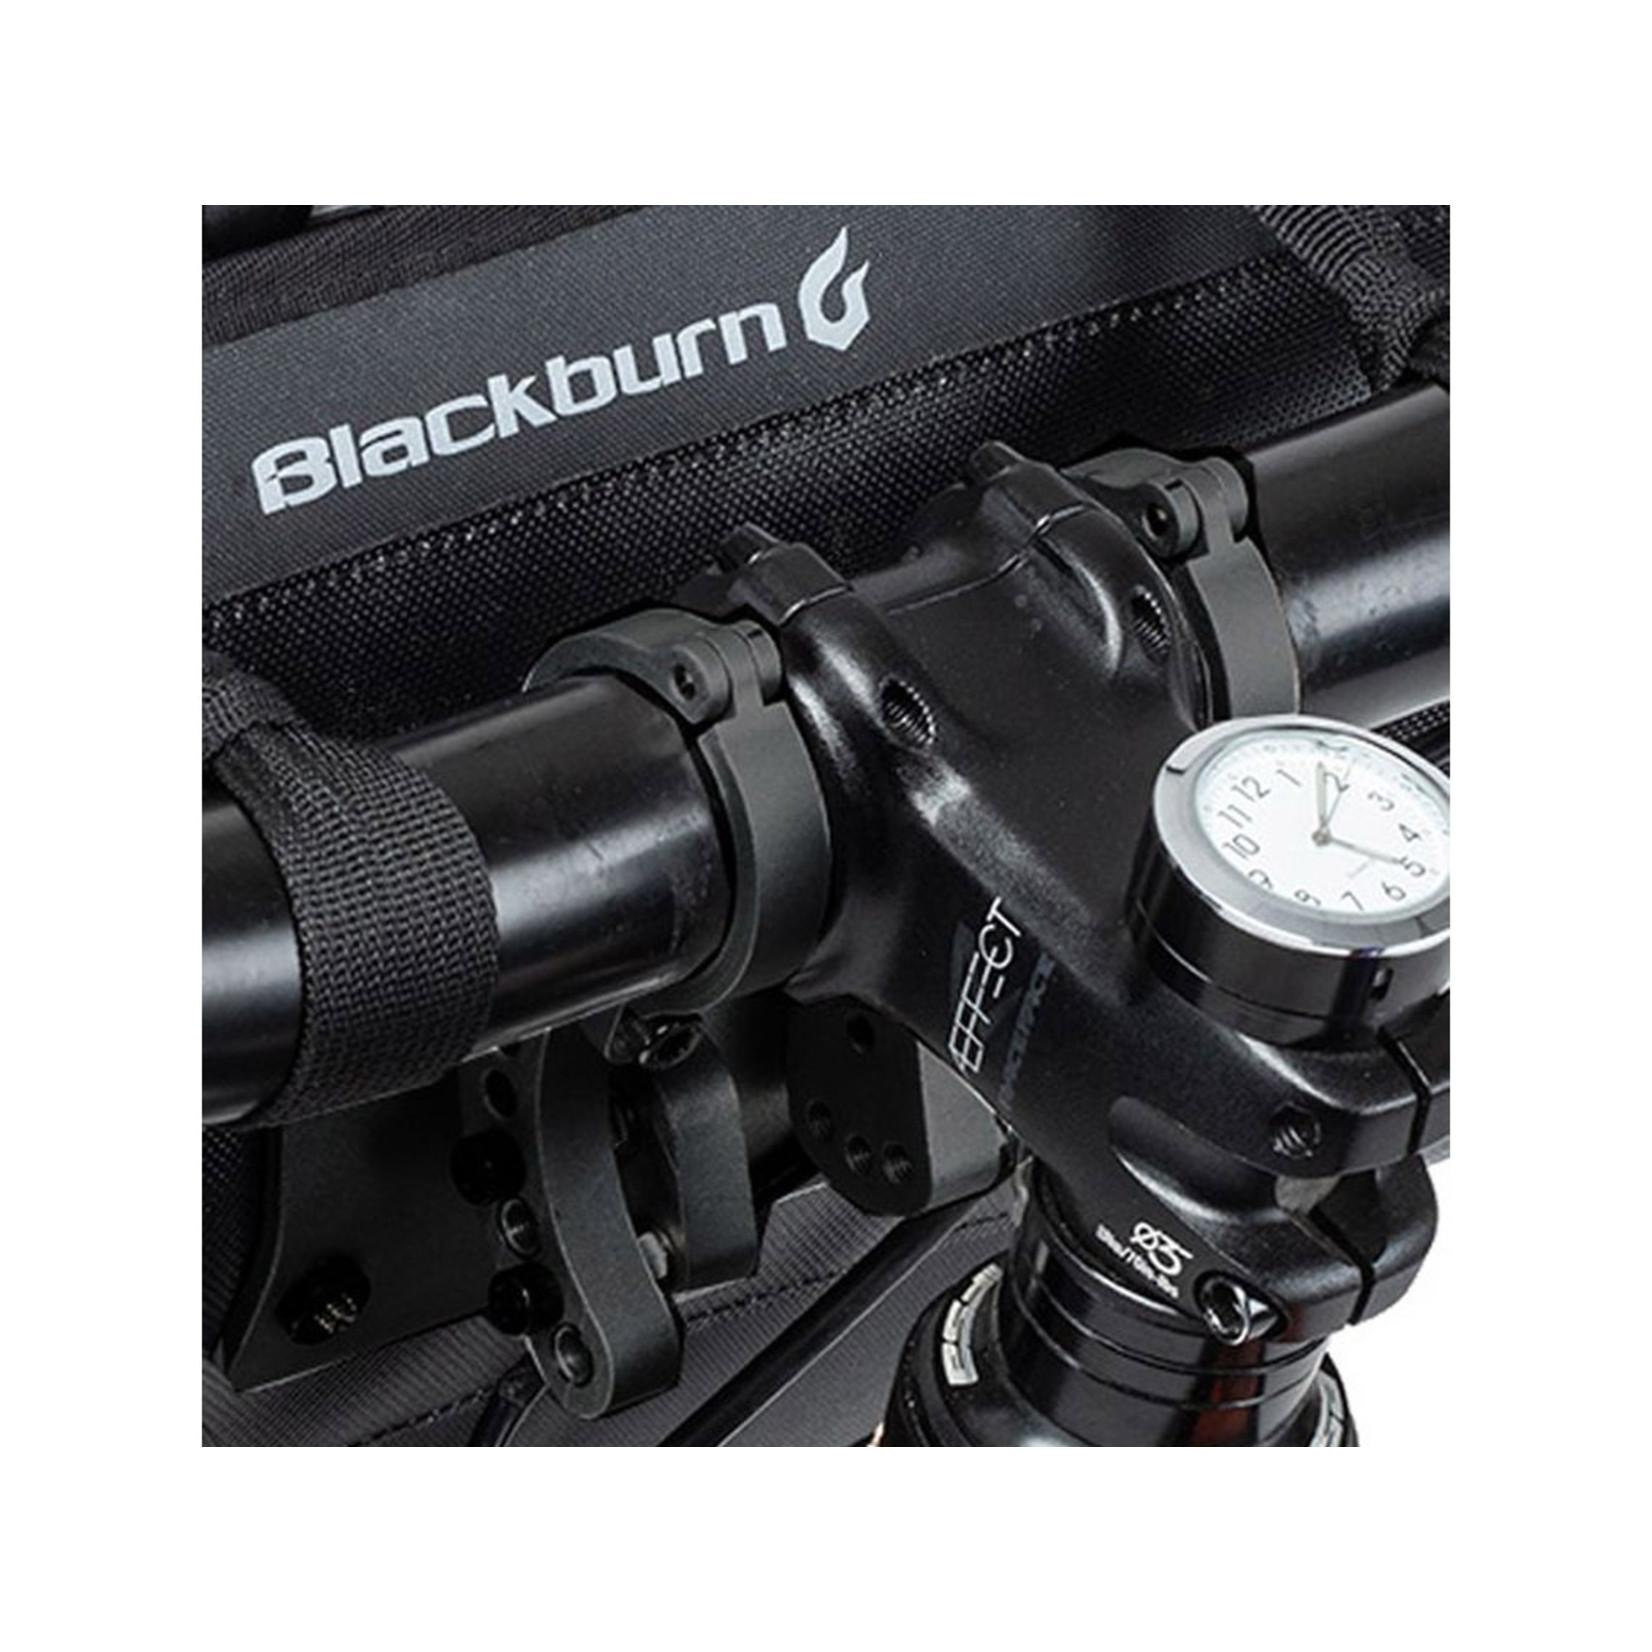 Blackburn Blackburn, Outpost Elite Handlebar Roll